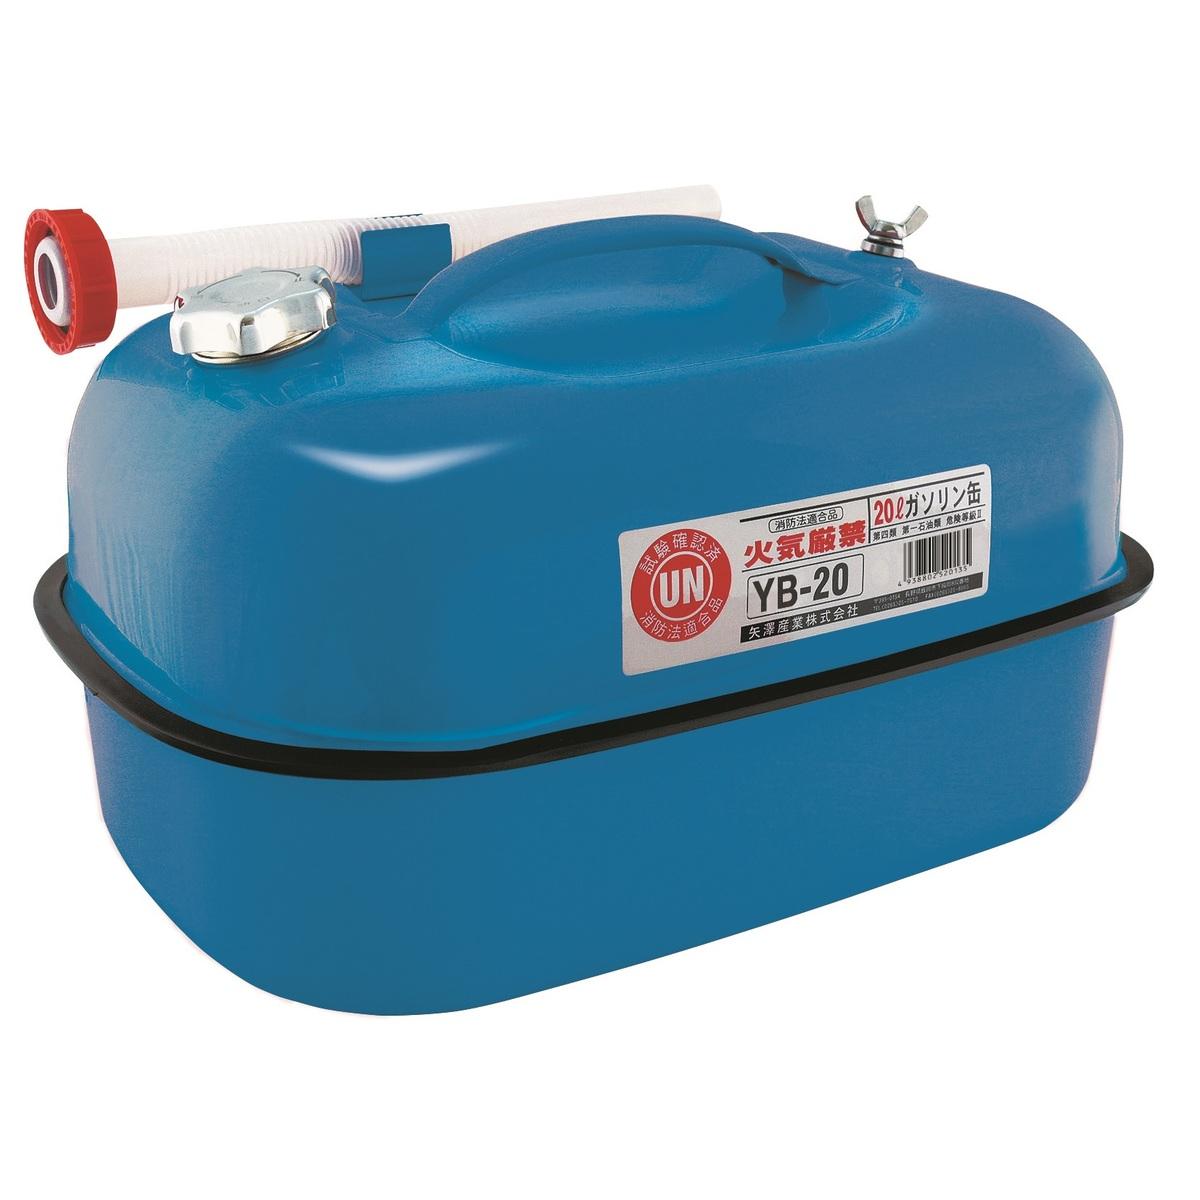 2個まで1個口 矢澤産業 ガソリン携行缶 青 20L YB20 毎日激安特売で 営業中です アウトレット☆送料無料